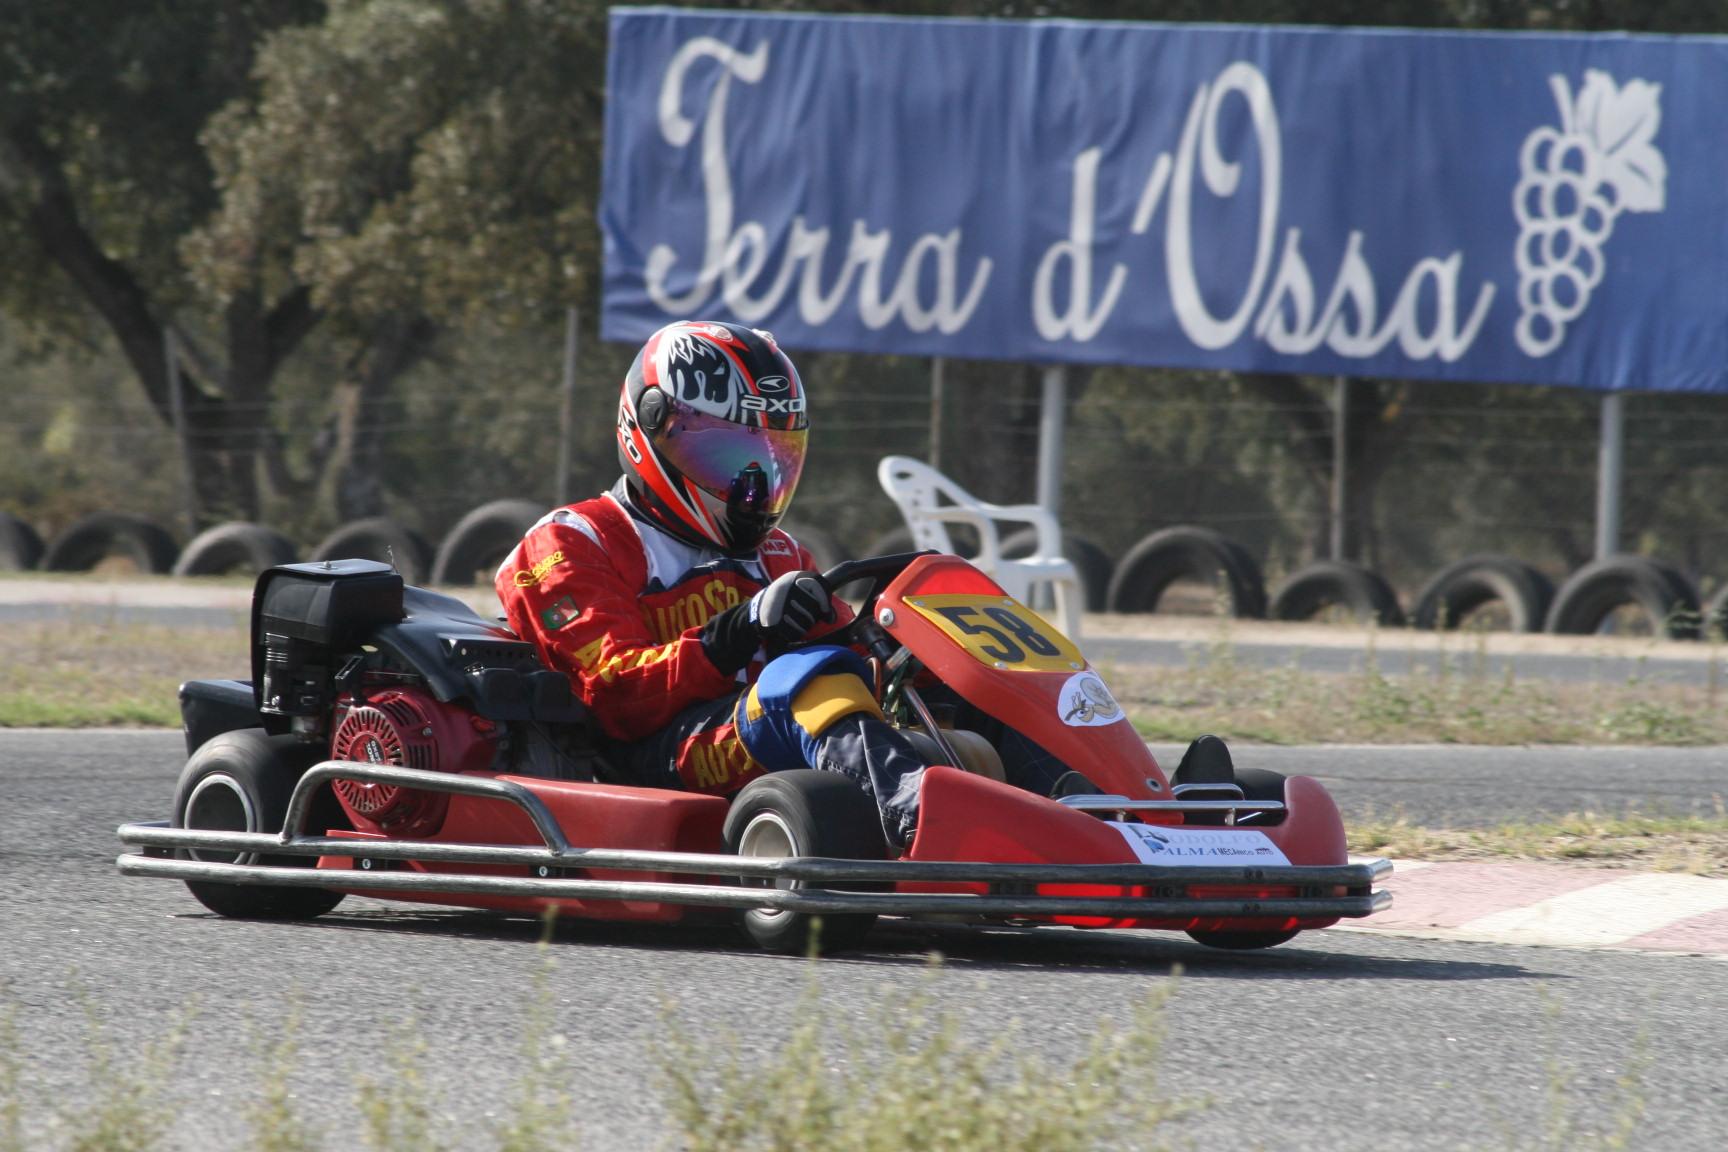 Karting, provas, competições e diversão!